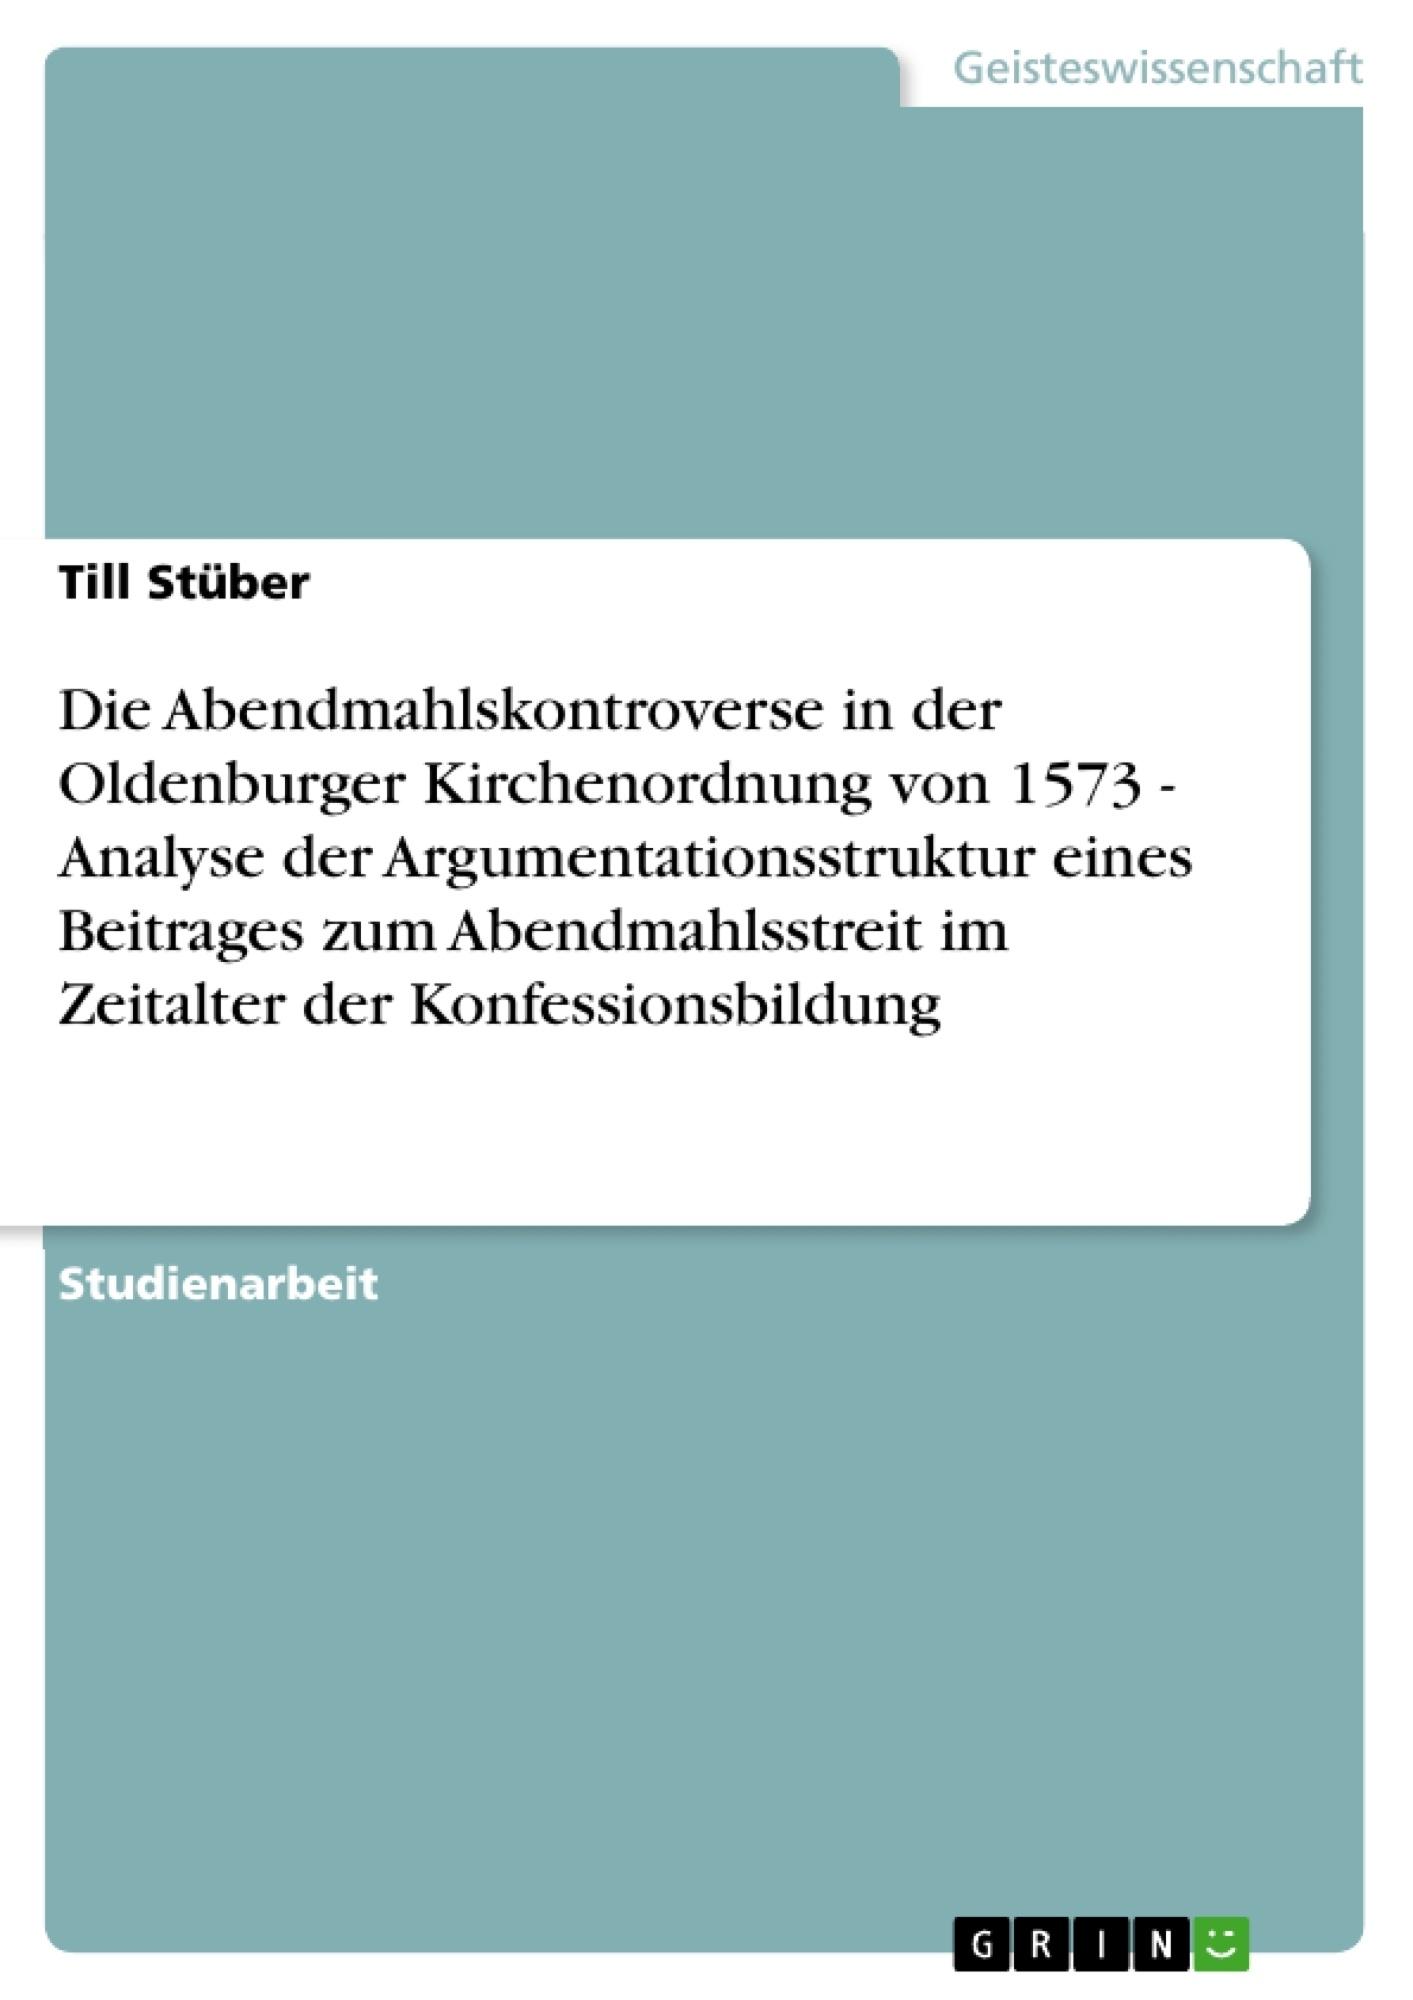 Titel: Die Abendmahlskontroverse in der Oldenburger Kirchenordnung von 1573 - Analyse der Argumentationsstruktur eines Beitrages zum Abendmahlsstreit im Zeitalter der Konfessionsbildung